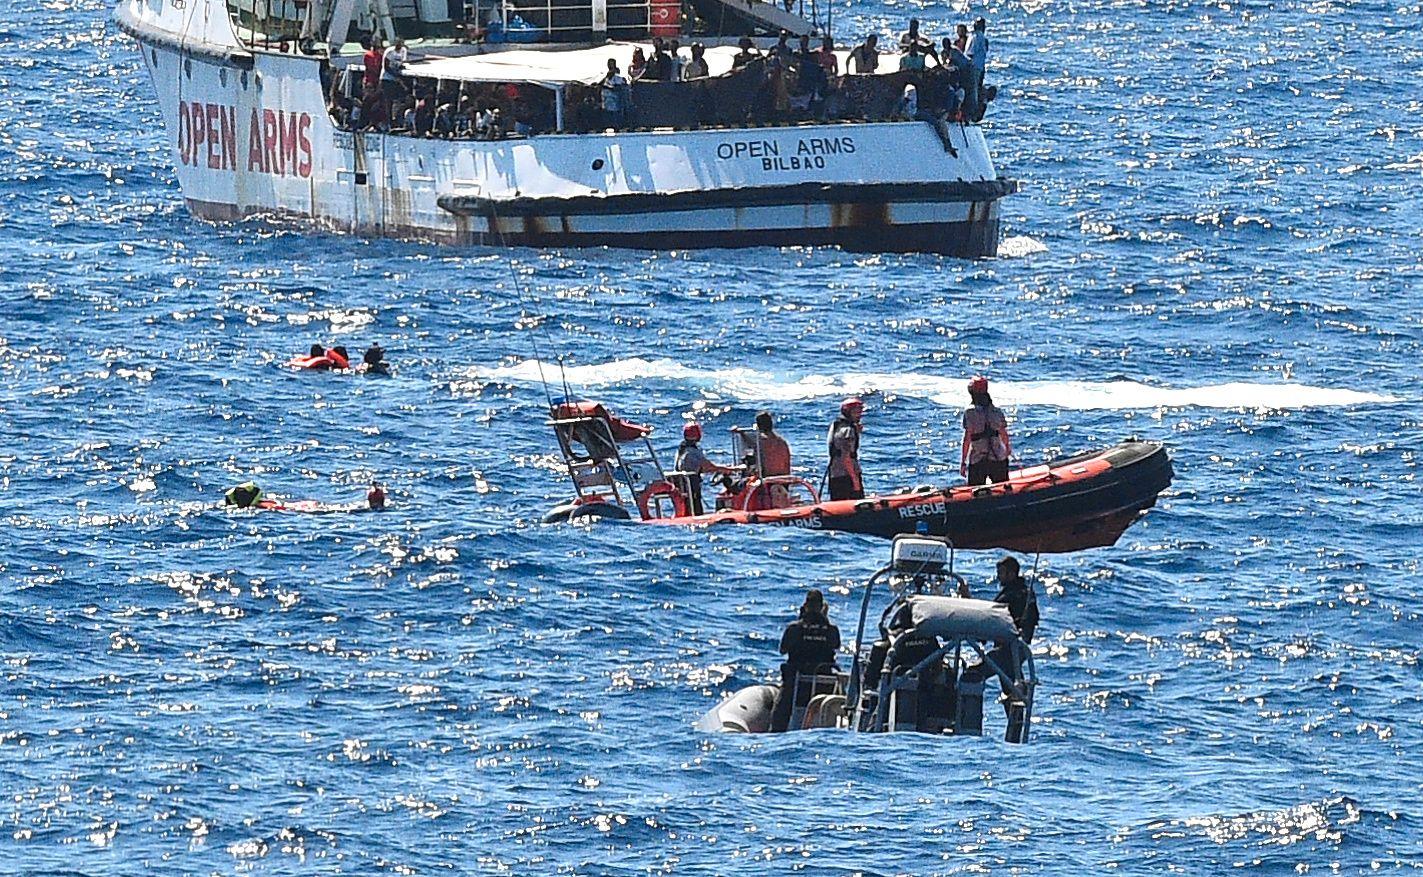 PÅ SVØM: Migranter i sjøen etter at å ha hoppet fra den spanske redningsskipet tirsdag.